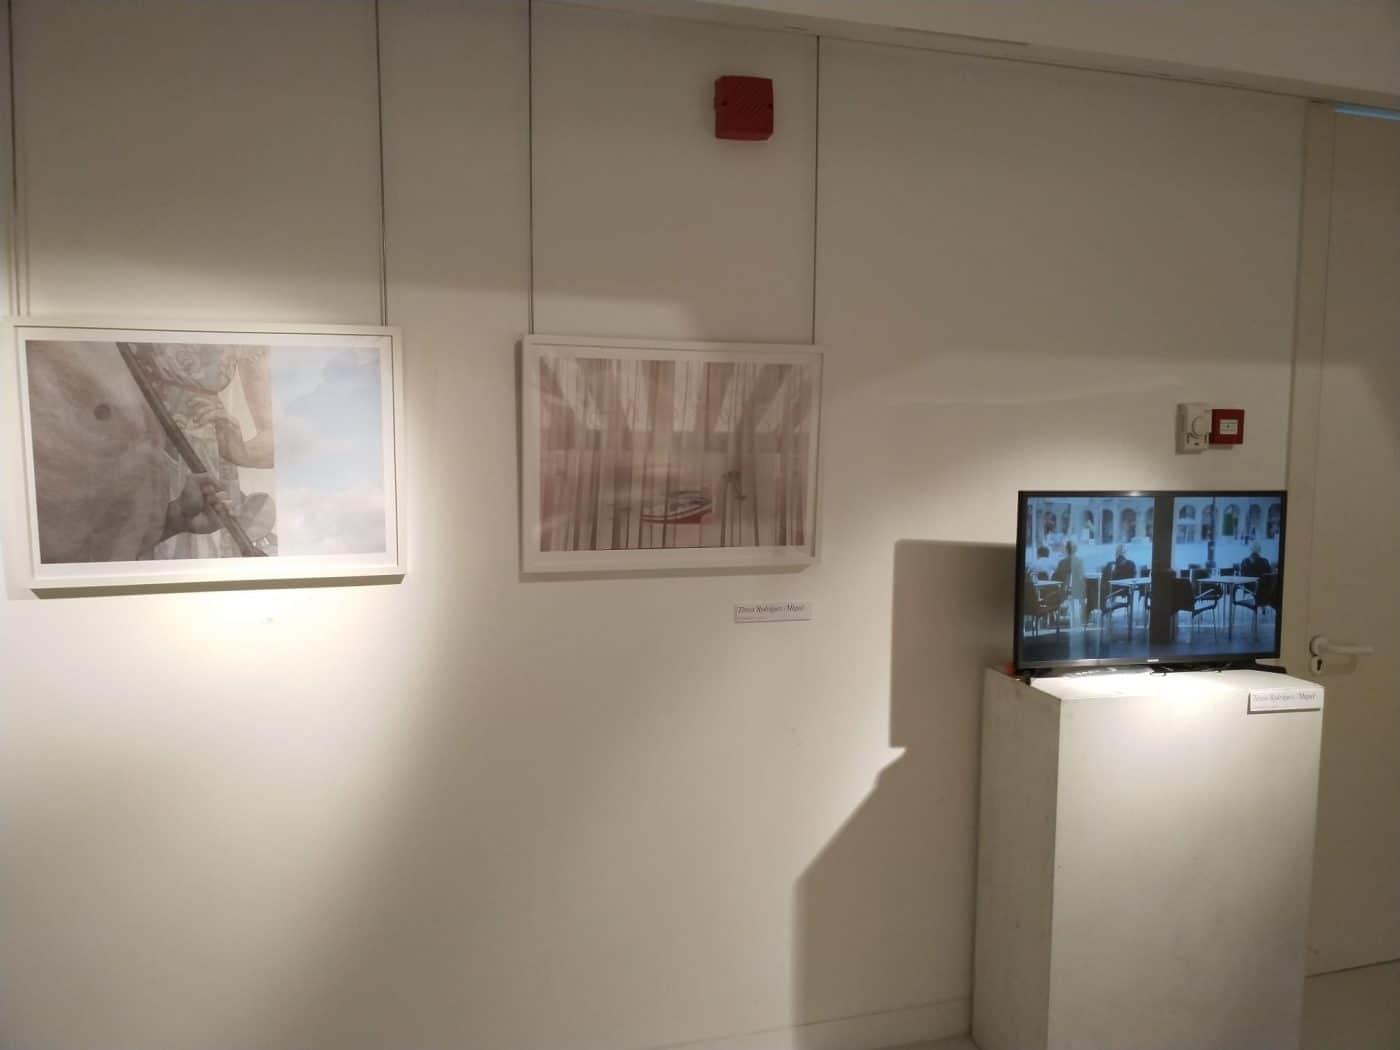 La exposición fotográfica 'Poéticas' ya se puede visitar en Santo Domingo 4